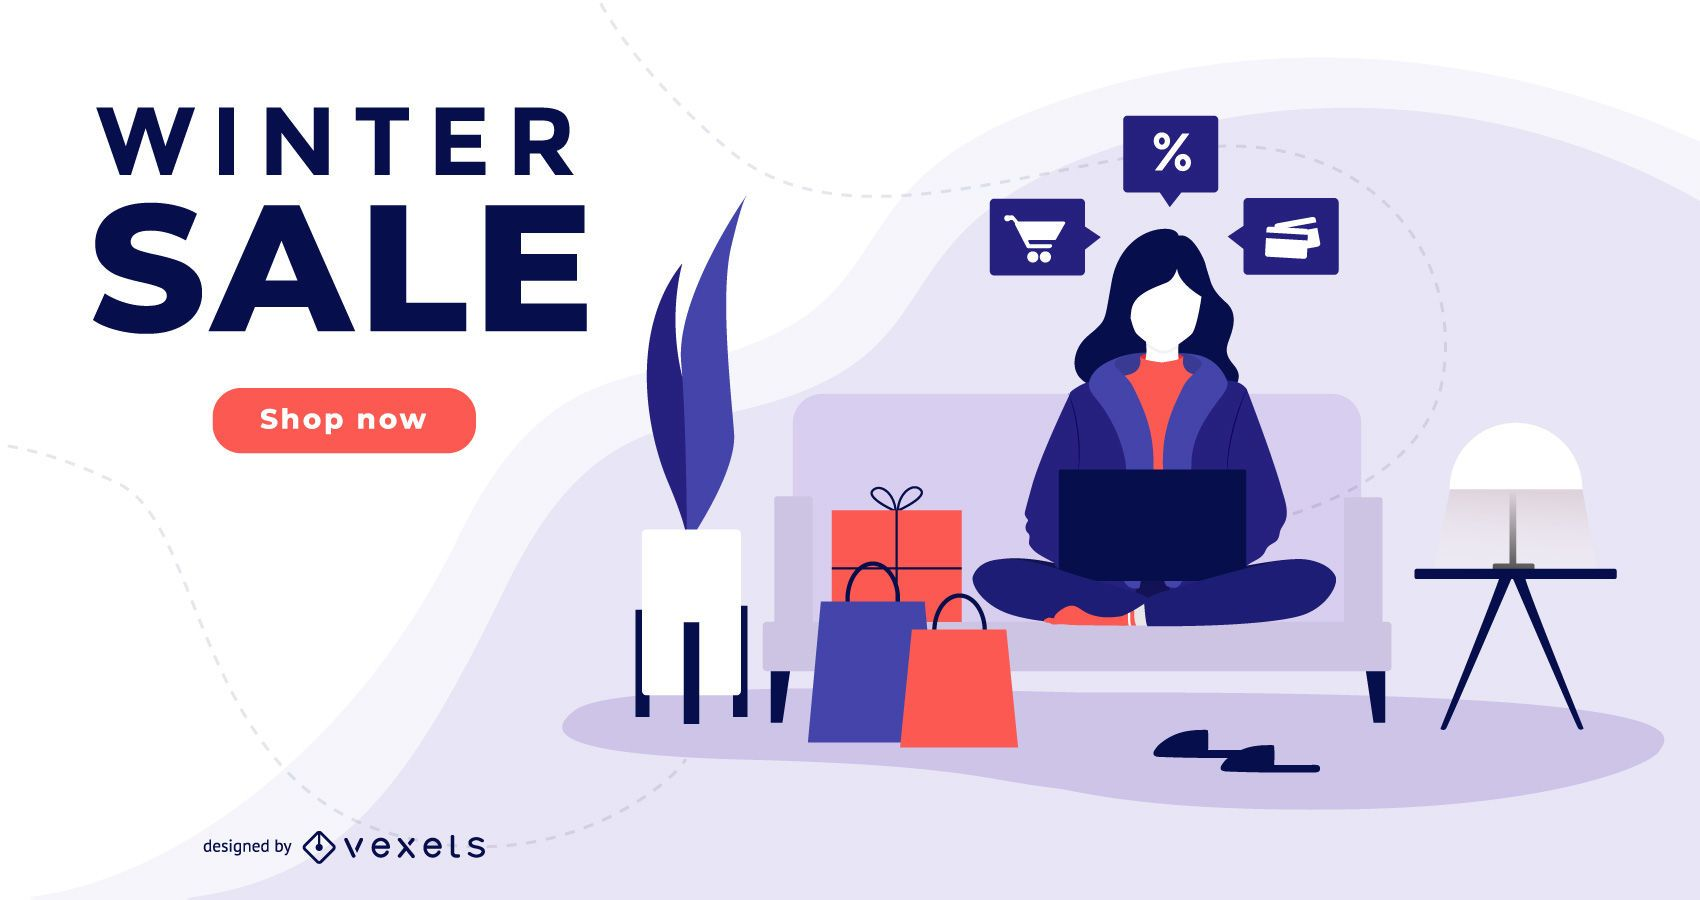 Winter Sale Marketing Banner Design